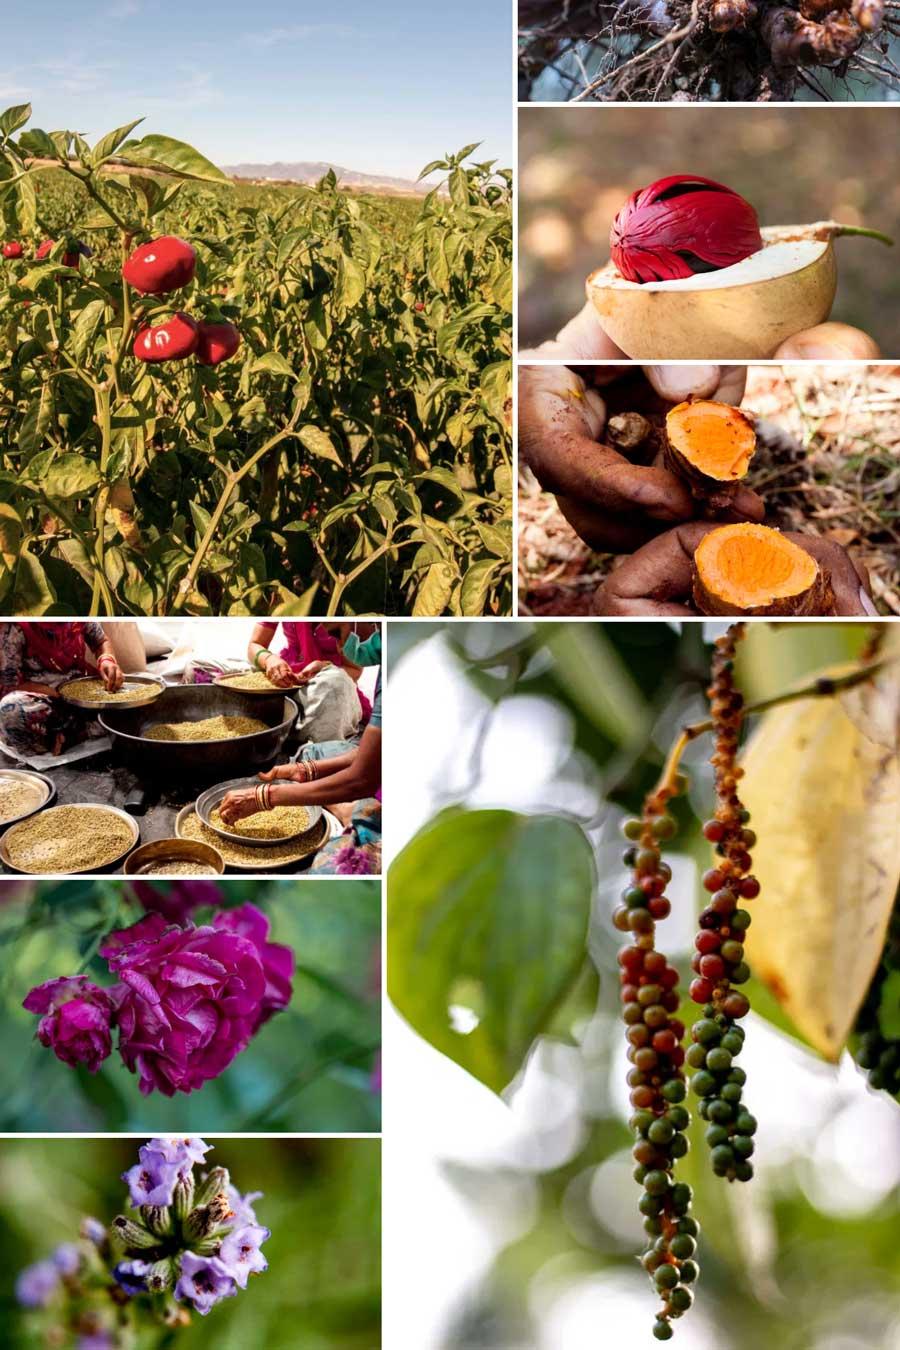 Différentes photos d'épices fraiches que nous utilisons pour composer le mélange ras el-hanout bio